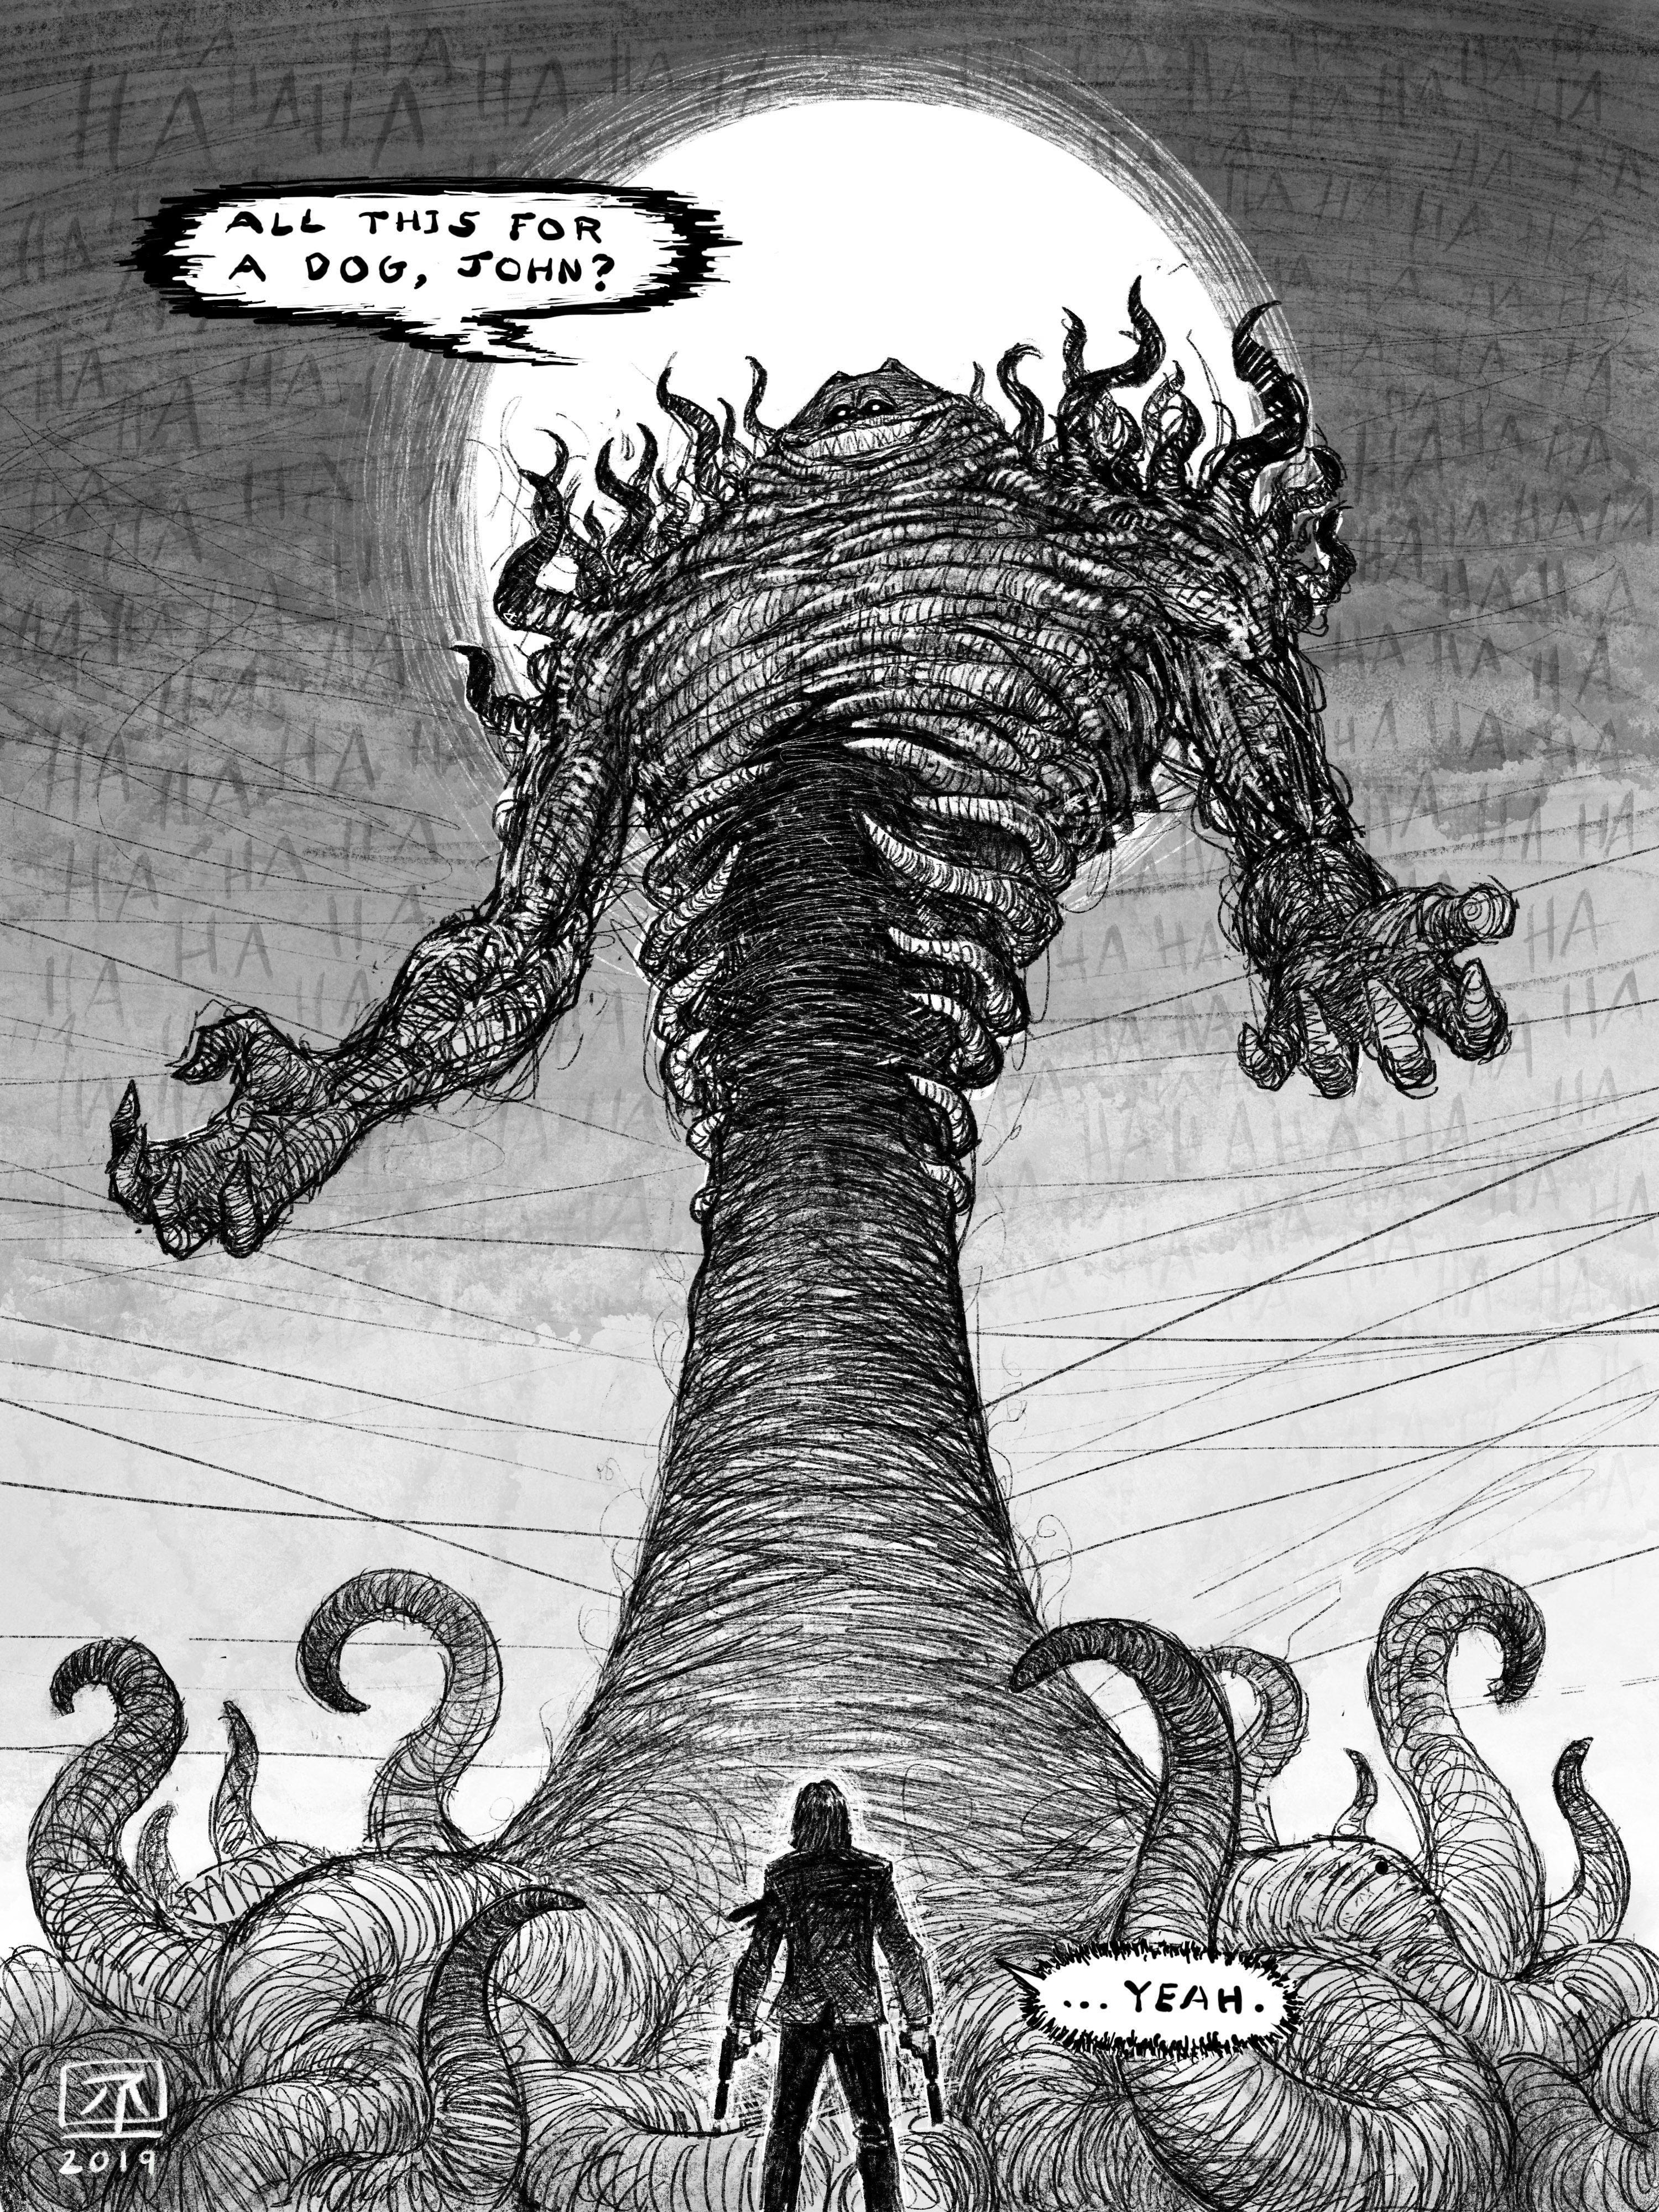 Vengeful John The Crossover By Rojom Creepy Garfield Scary Art Creepy Art Horror Art